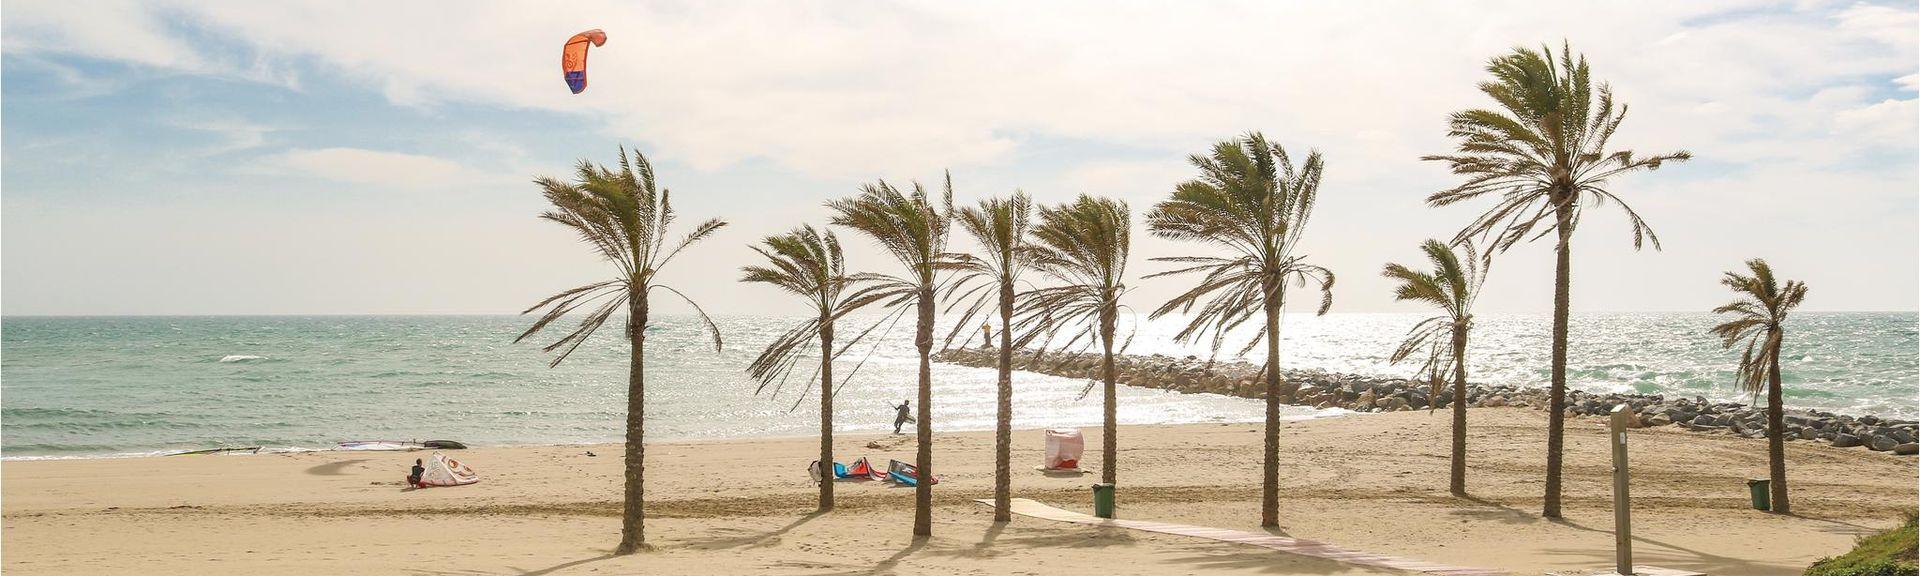 Urbanización Pinos Verdes, Marbella, Andalusien, Spanien